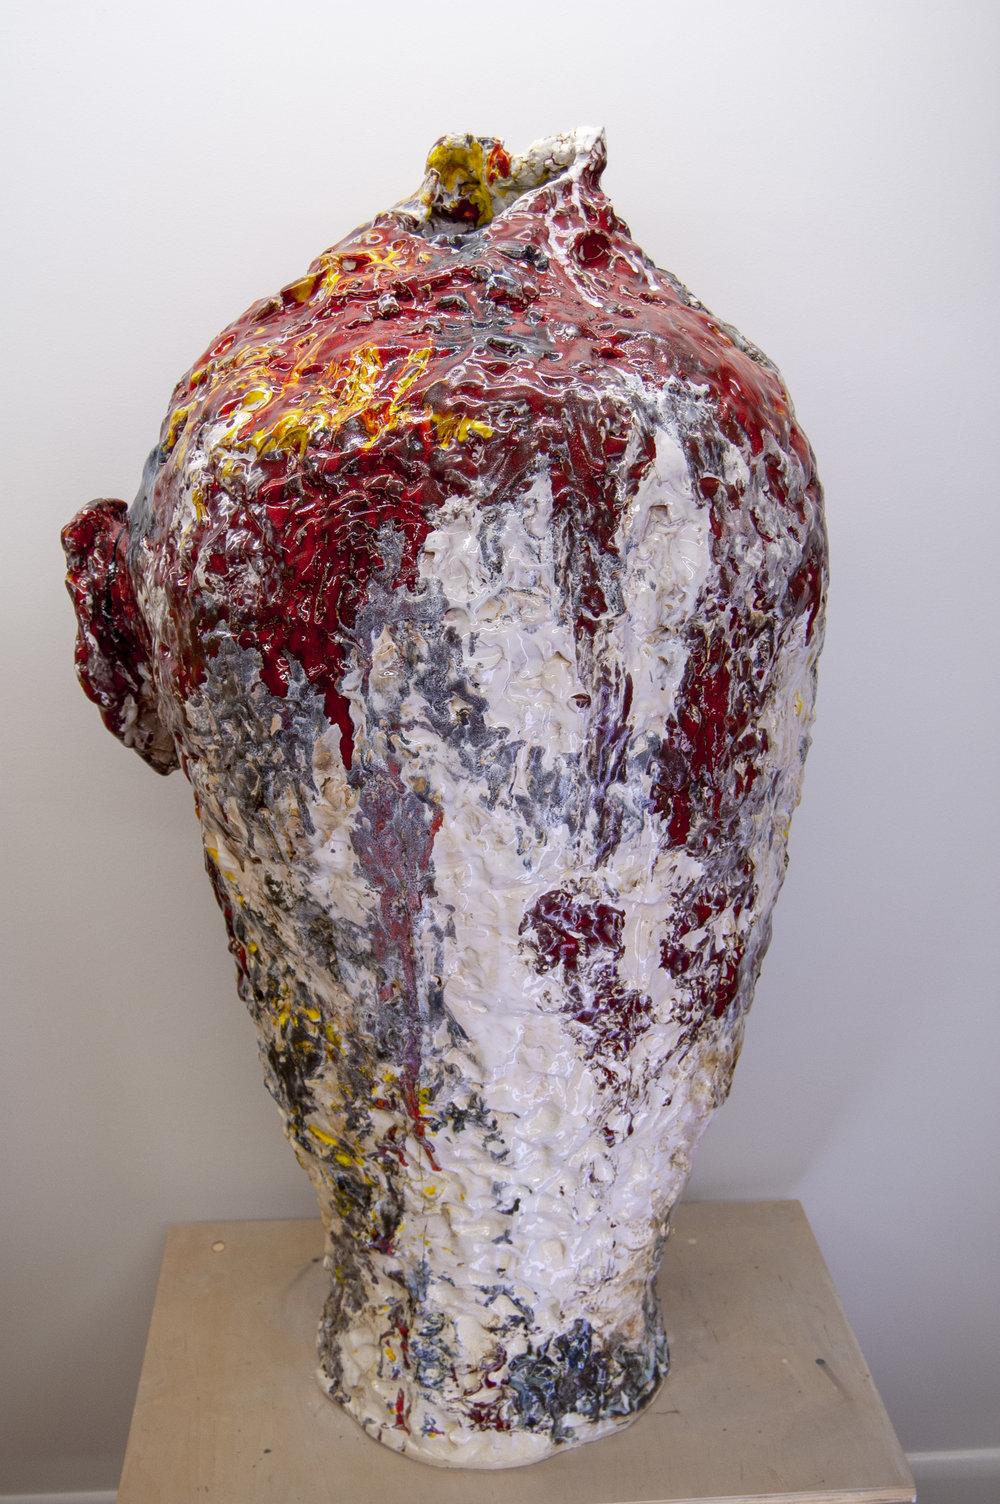 Head 4 b499. 010-6